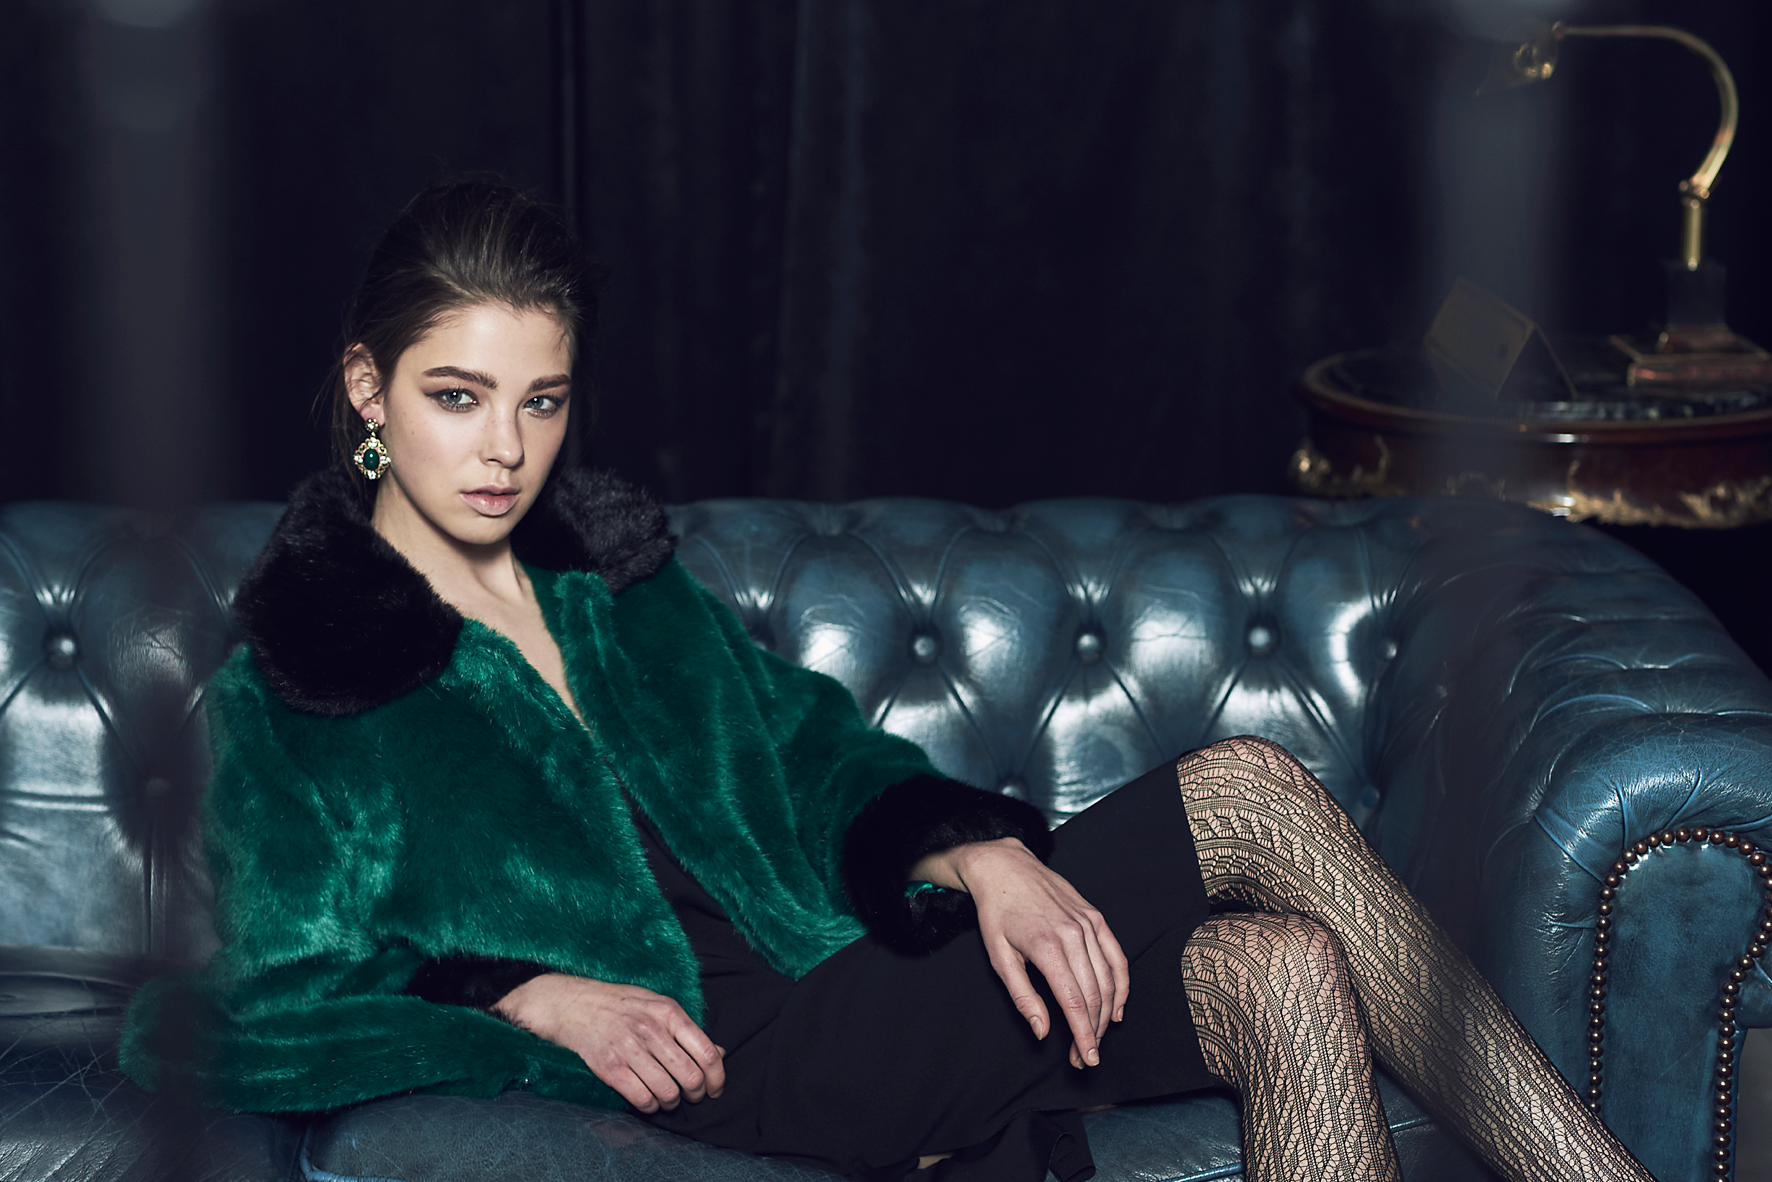 Collared Faux Fur Coat & Side Slit Dress